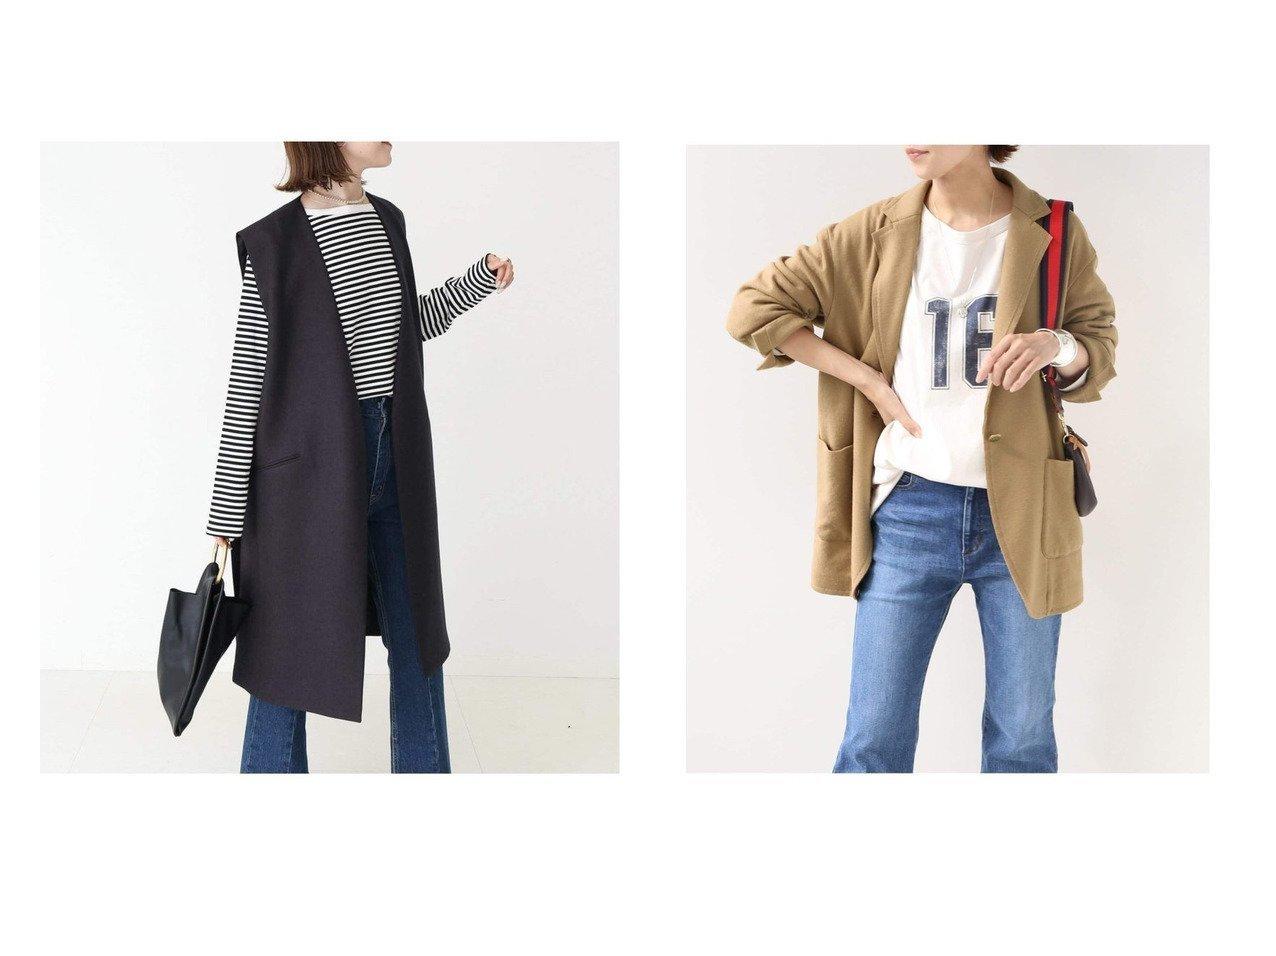 【FRAMeWORK/フレームワーク】のスムースウールジャケット&【Spick & Span/スピック&スパン】の二重織ロングジレ2 【アウター】おすすめ!人気、トレンド・レディースファッションの通販 おすすめで人気の流行・トレンド、ファッションの通販商品 インテリア・家具・メンズファッション・キッズファッション・レディースファッション・服の通販 founy(ファニー) https://founy.com/ ファッション Fashion レディースファッション WOMEN アウター Coat Outerwear コート Coats ジャケット Jackets テーラードジャケット Tailored Jackets ノーカラージャケット No Collar Leather Jackets ヴィンテージ カーディガン ジャケット ジャージー スマート デニム なめらか ポケット A/W・秋冬 AW・Autumn/Winter・FW・Fall-Winter 2021年 2021 2021-2022秋冬・A/W AW・Autumn/Winter・FW・Fall-Winter・2021-2022 NEW・新作・新着・新入荷 New Arrivals |ID:crp329100000069659